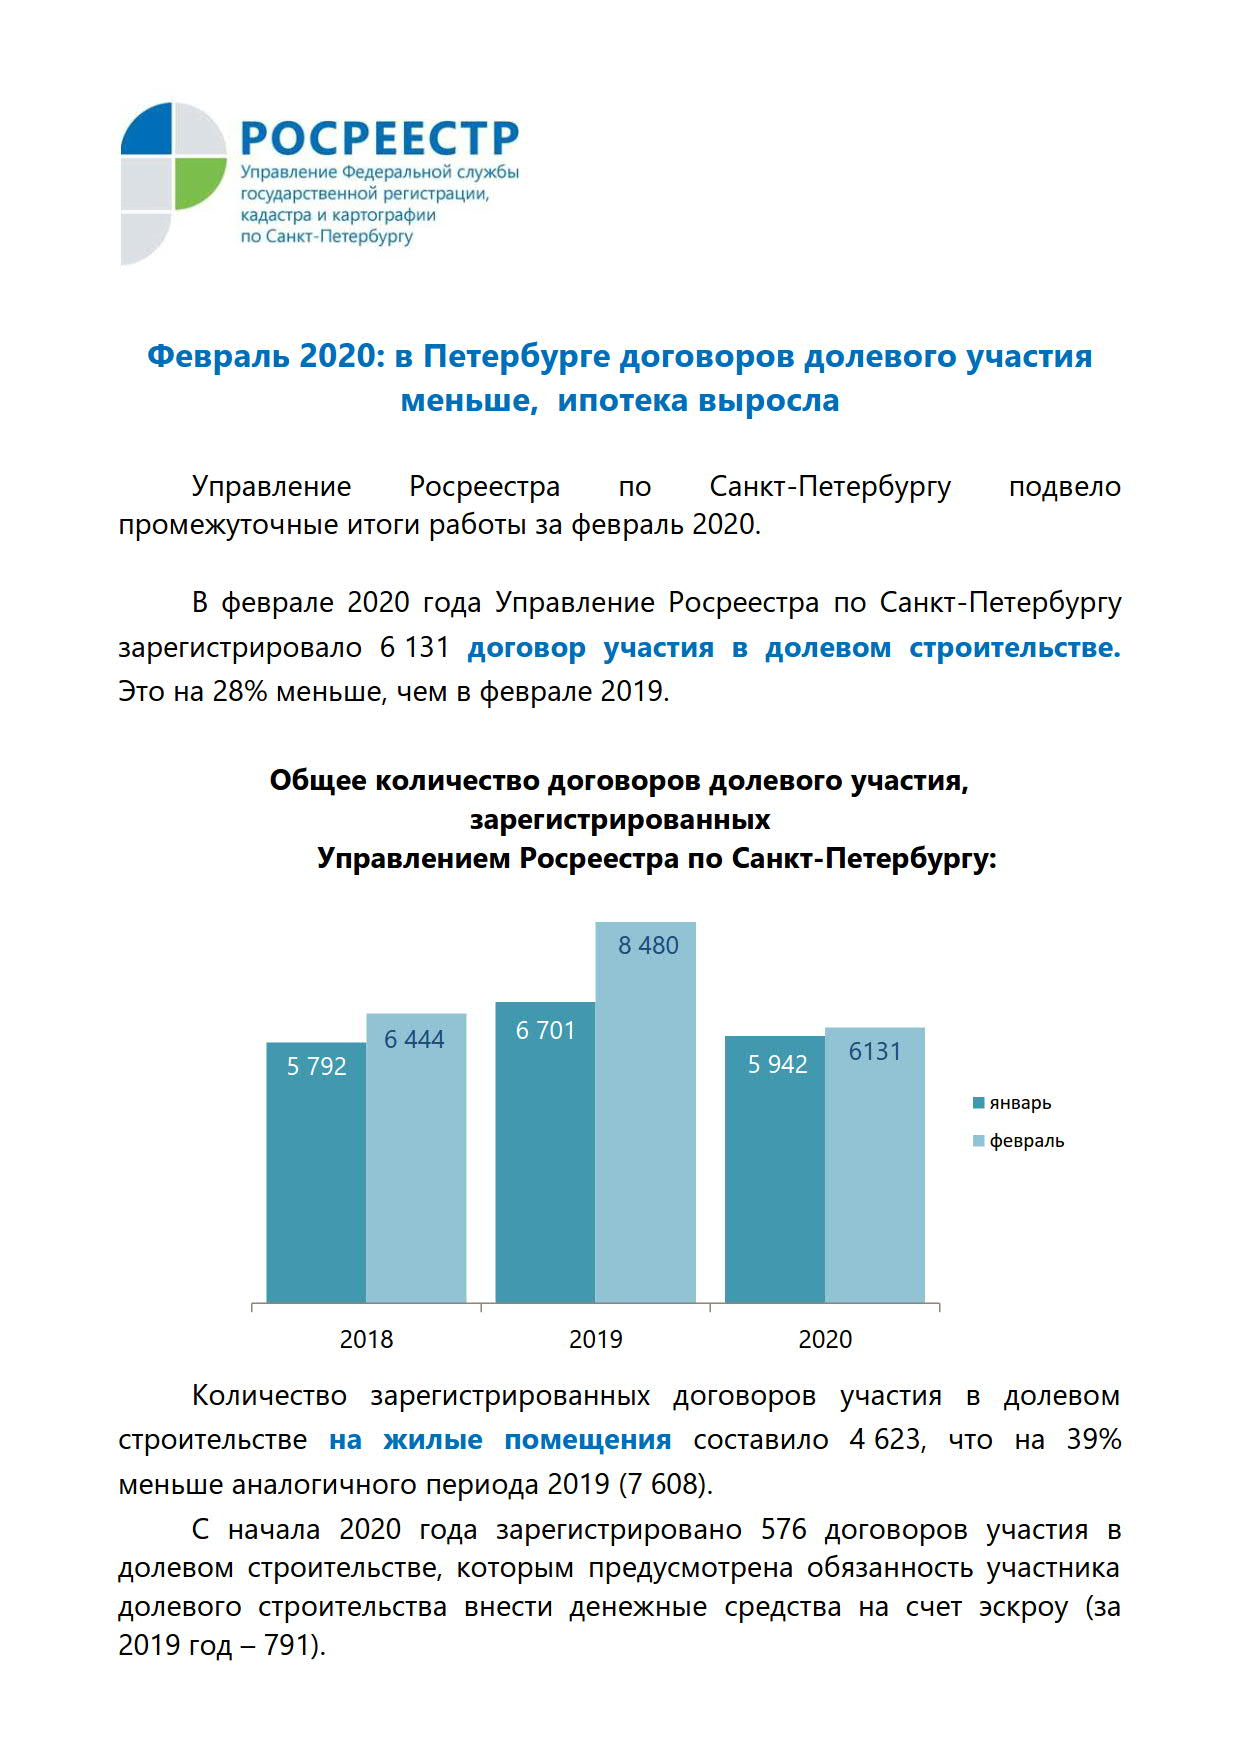 Февраль 2020. в Петербурге договоров долевого участия меньше, ипотека выросла_1